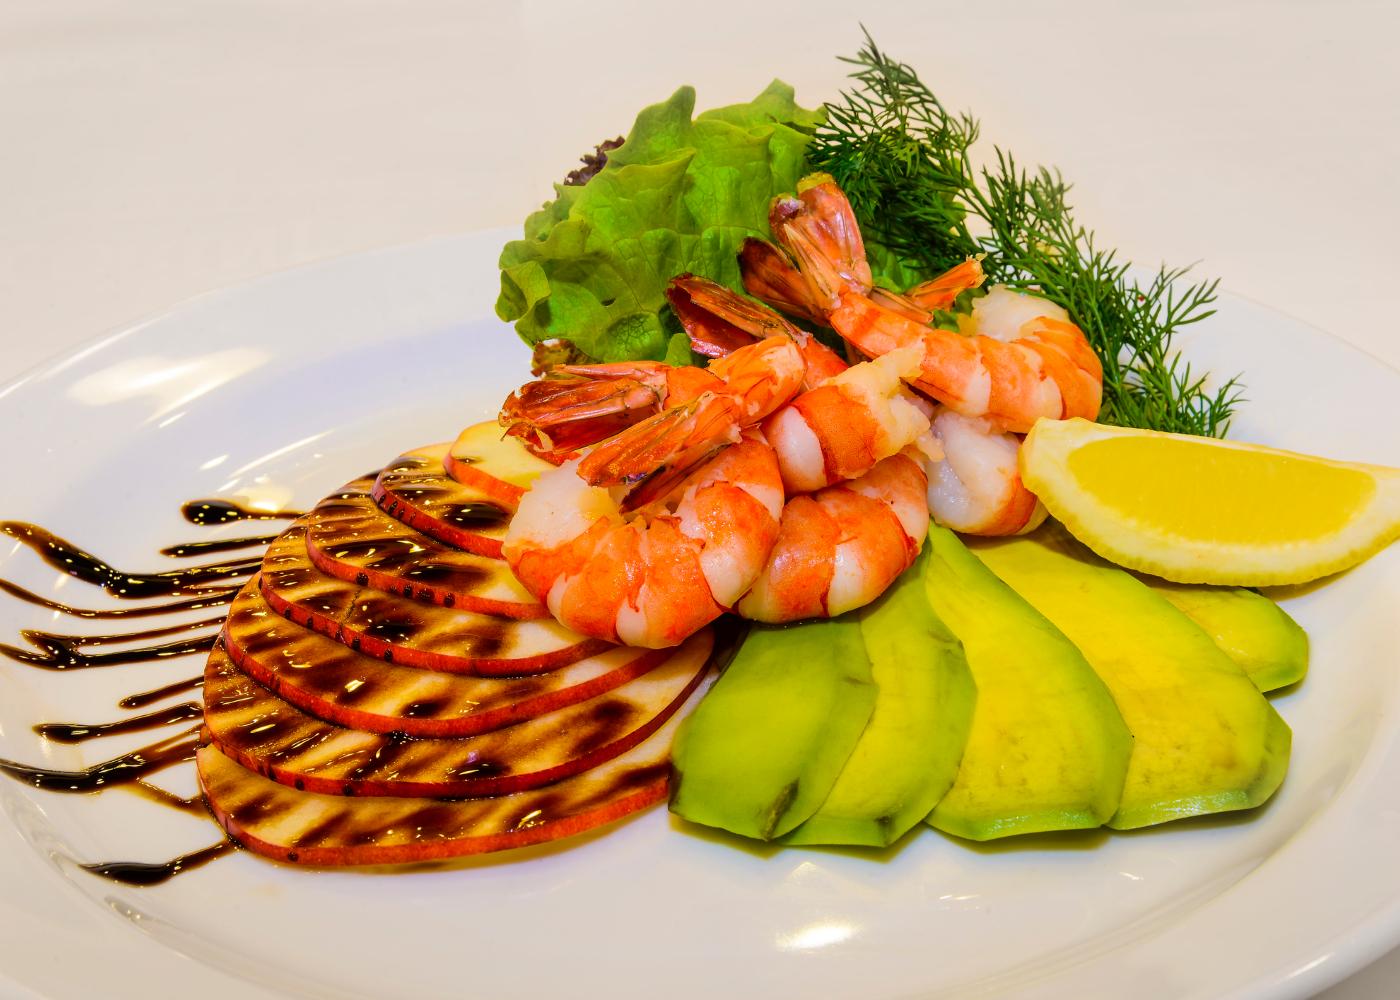 receitas saudaveis para jantar: sugestões leves e pouco caloricas